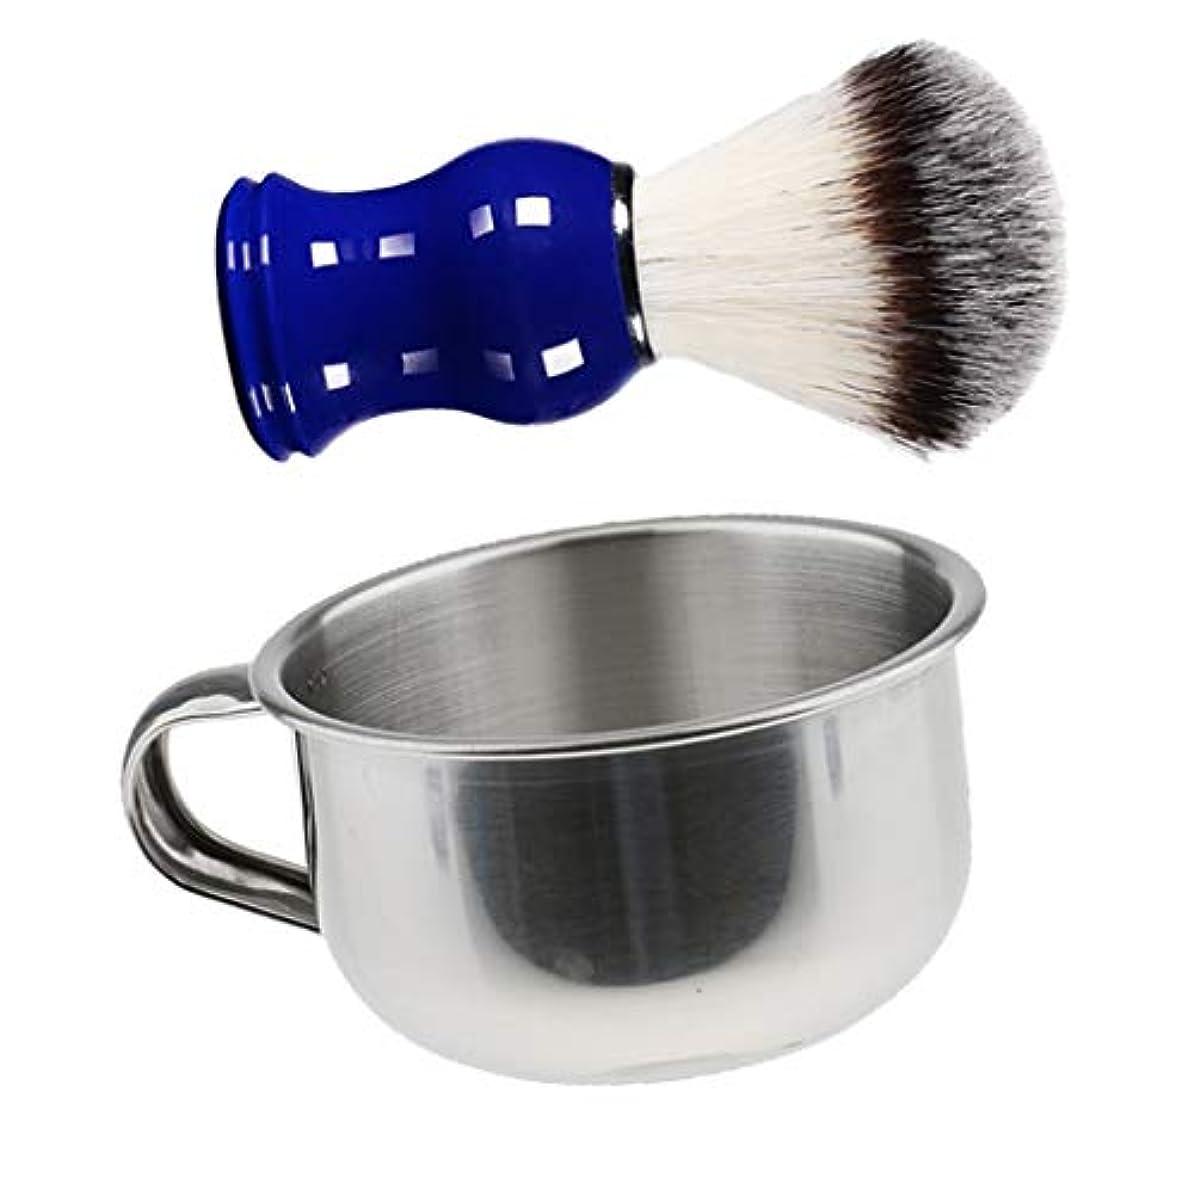 論理圧力甘美なchiwanji メンズ シェービング マグ ボウル カップ ステンレス製 シェービング用ブラシ 理容 洗顔 髭剃り